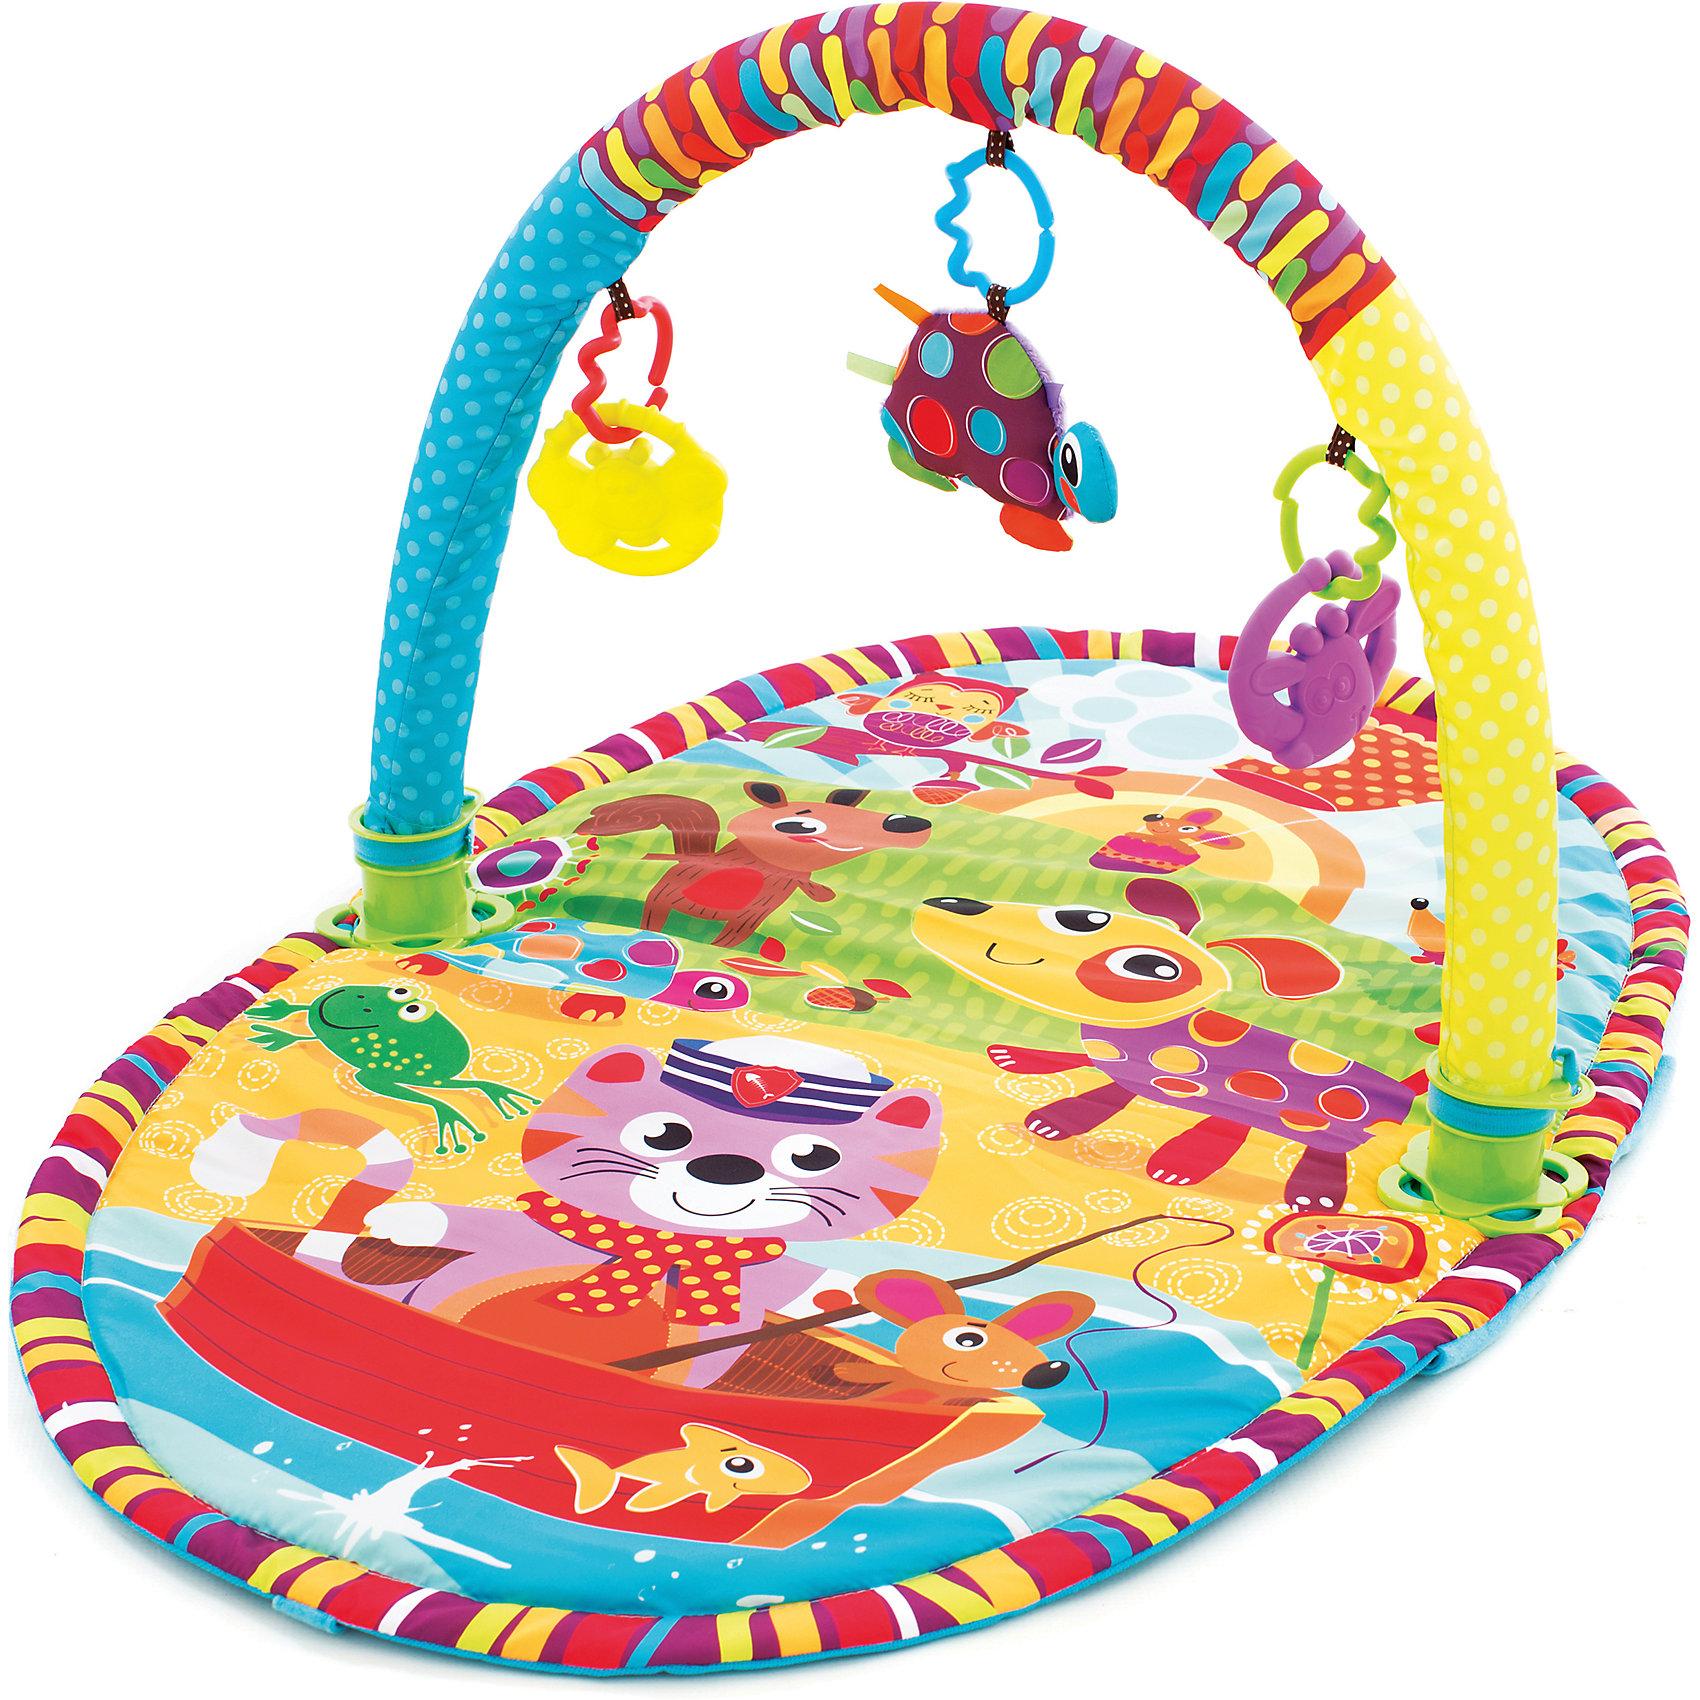 Игрушка активный центр Прогулка, PlaygroИгровые столики и центры<br>Яркий, компактный центр с одной дугой (легко снимается в случае необходимости) обязательно понравится малышам.  В комплекте  3 съемные подвески (две пластиковые и одна мягкая черепашка). Яркие цвета и материалы разных фактур способствуют развитию визуального восприятия, тактильных ощущений, моторики.  Коврик легко складывается, его удобно брать с собой в поездки, на прогулки или в гости. Выполнен из высококачественных экологичных материалов безопасных для детей. <br><br>Дополнительная информация:<br><br>- Материал: пластик, текстиль.<br>- Размер: 95х41х57 см.<br>- Съемные игрушки и дуга. <br>- Дугу можно прикрепить на кроватку или манеж. <br><br>Игрушку Активный центр Прогулка, Playgro (Плейгро), можно купить в нашем магазине.<br><br>Ширина мм: 470<br>Глубина мм: 470<br>Высота мм: 570<br>Вес г: 880<br>Возраст от месяцев: 0<br>Возраст до месяцев: 18<br>Пол: Унисекс<br>Возраст: Детский<br>SKU: 4729140